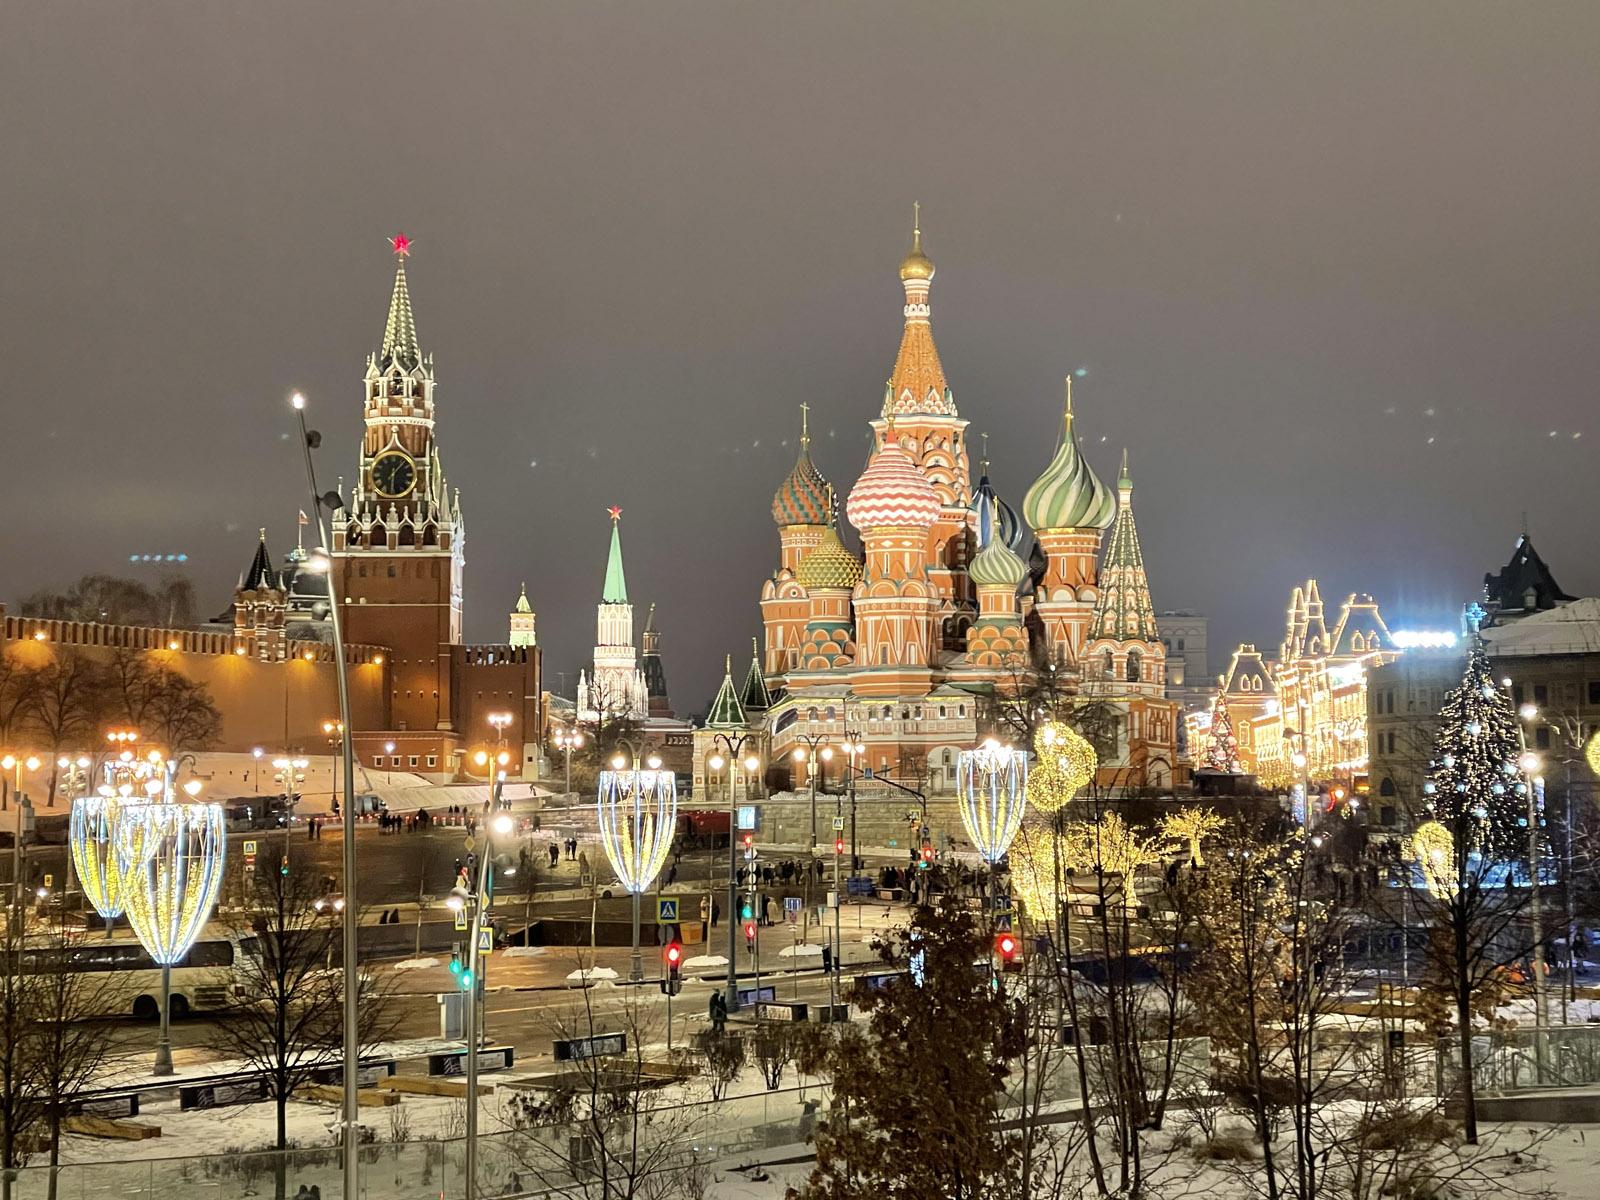 Как похорошела Москва к Новому году, несмотря ни на что. Снял на iPhone 12 Pro Max